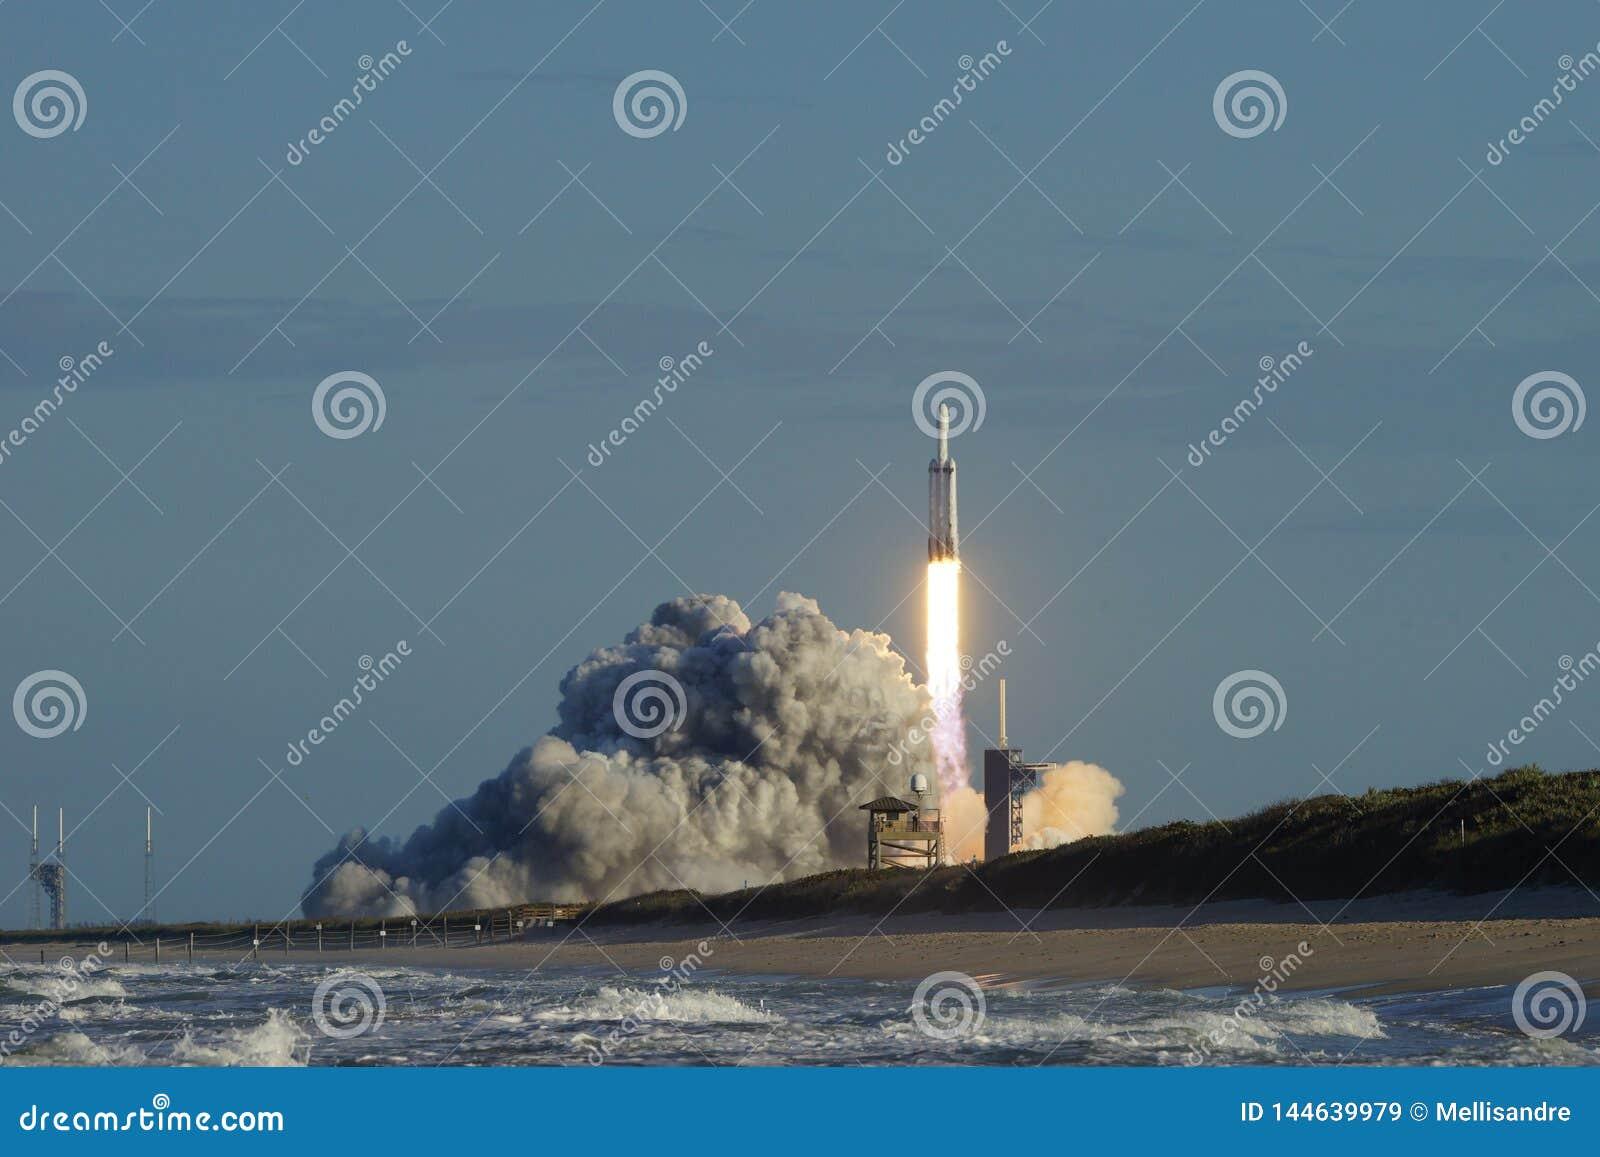 Мыс Канаверал, Florida/USA - 11-ое апреля 2019: Сокол старта Arabsat-6A тяжелый